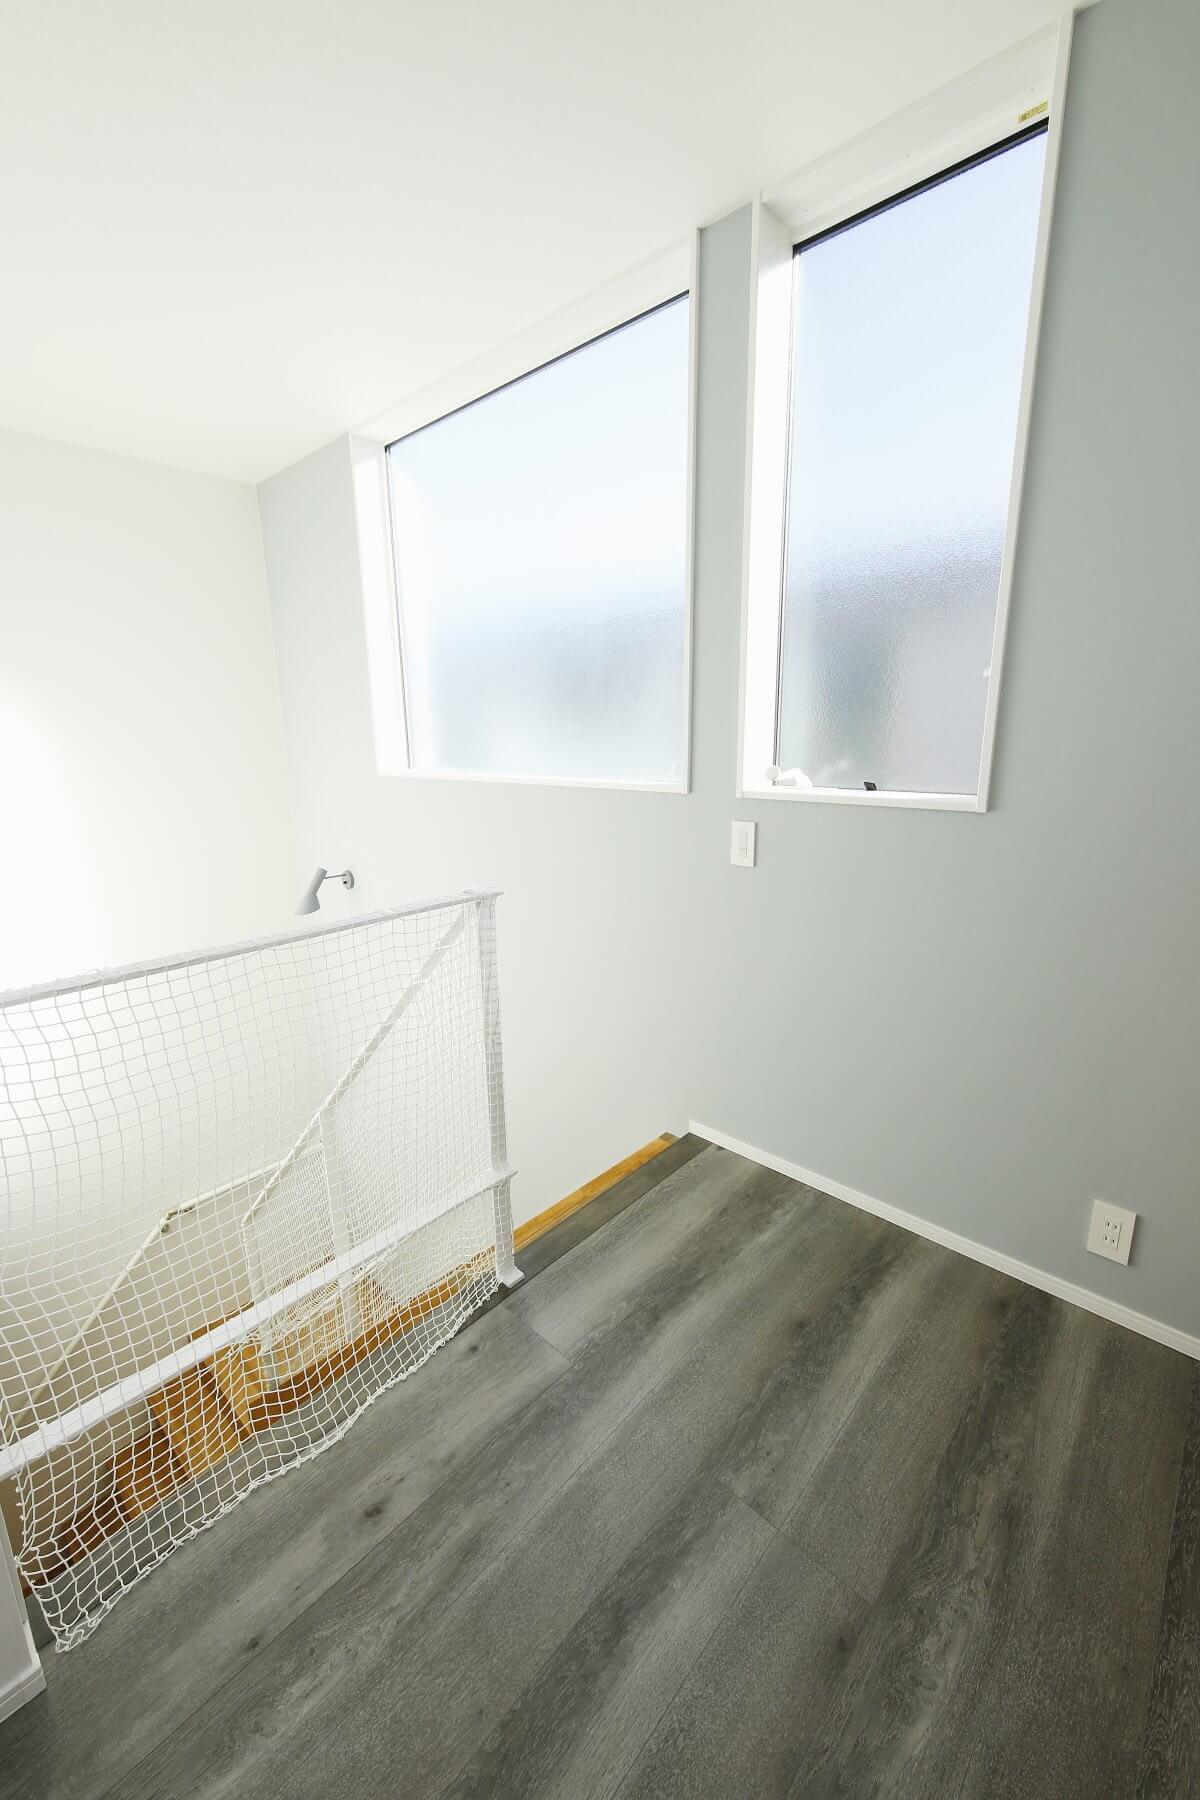 住宅密集地の旗竿地でも家中明るく快適なのは、周辺の状況と太陽の動きを考慮して、吹き抜けにハイサイド窓を設けているためです。